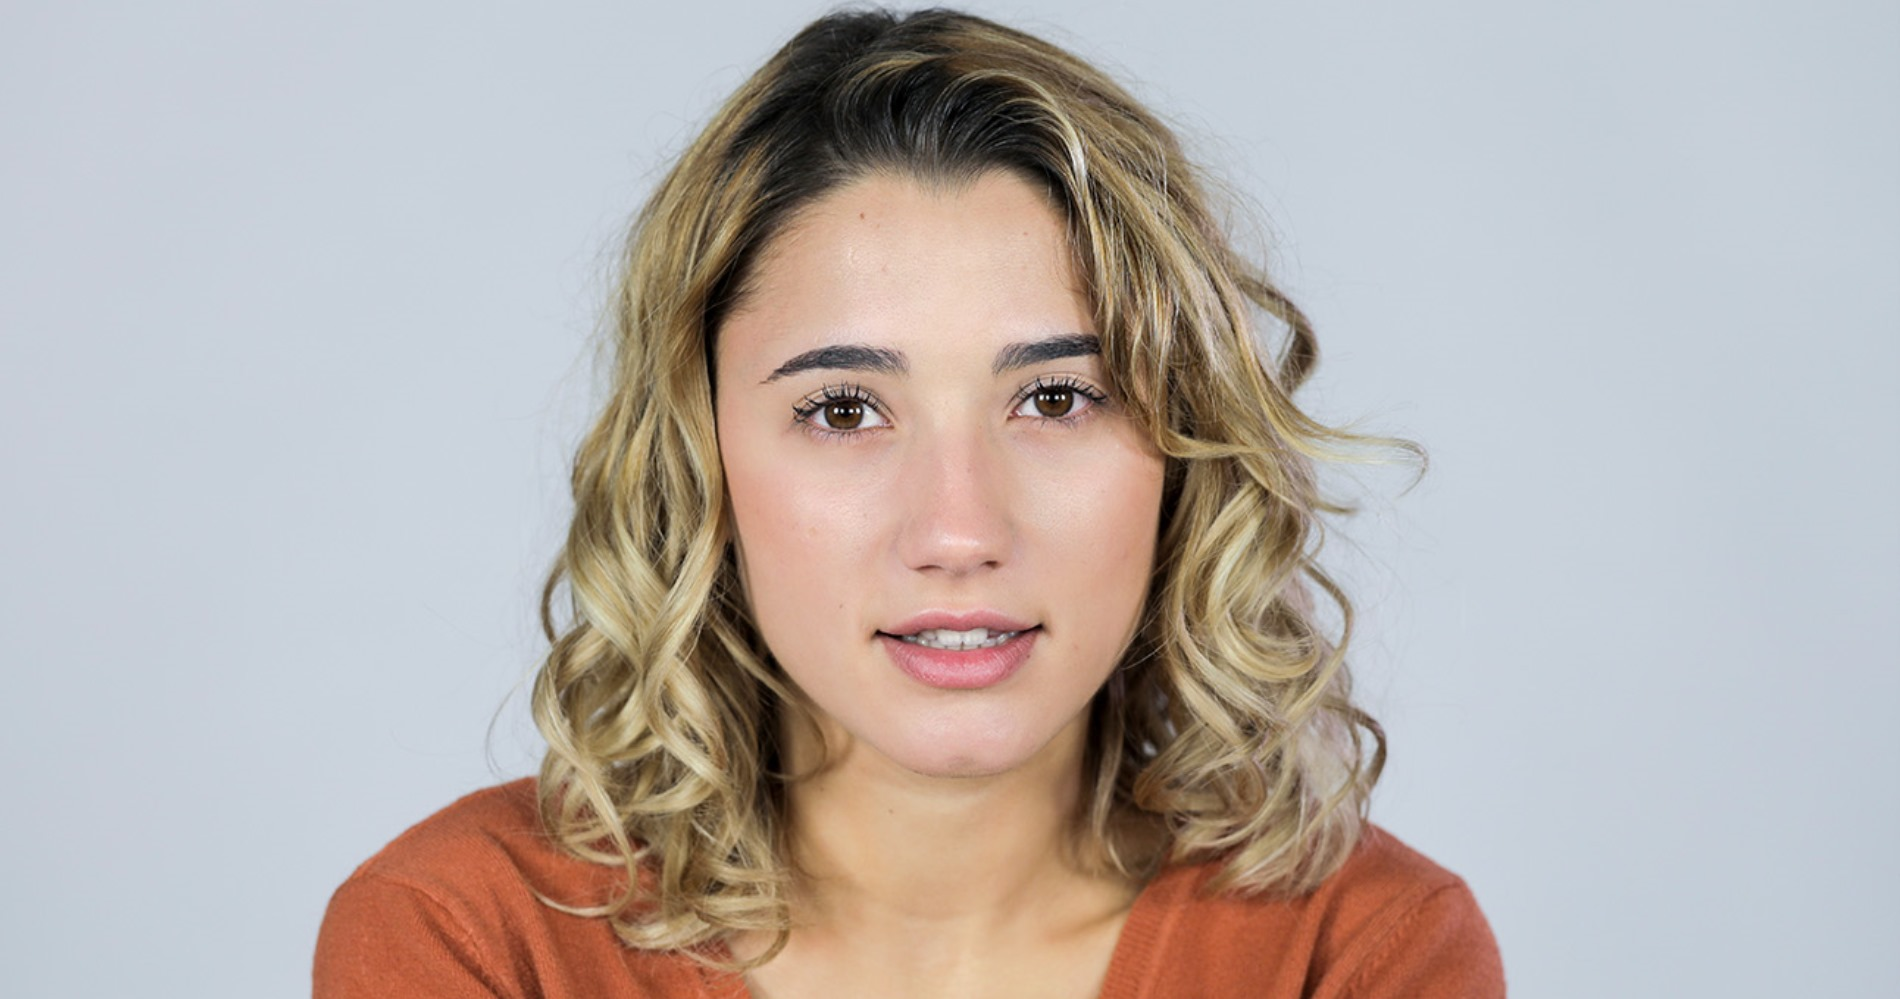 """<span class=""""entry-title-primary"""">Intervista a Sabrina Martina: """"Dopo Aldo, Giovanni e Giacomo vorrei un ruolo d'azione""""</span> <span class=""""entry-subtitle"""">L'attrice, tra i protagonisti dell'apprezzatissimo """"Odio l'estate"""", si racconta su La voce dello schermo. </span>"""